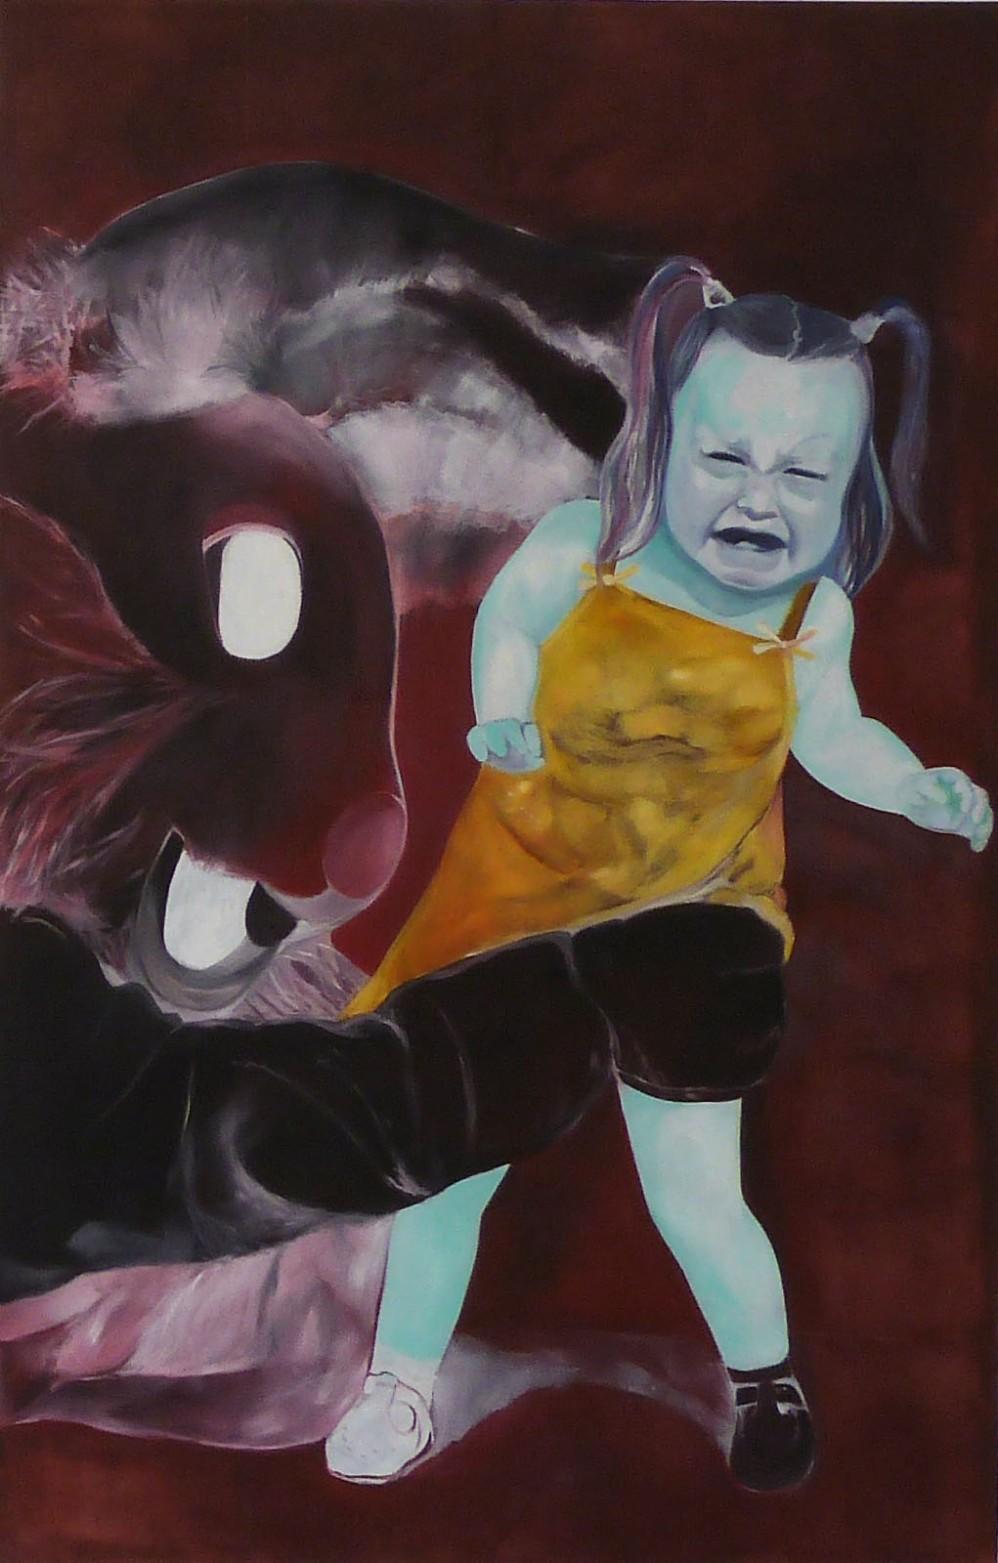 Lapin huile sur toile 230x150 cm 2013